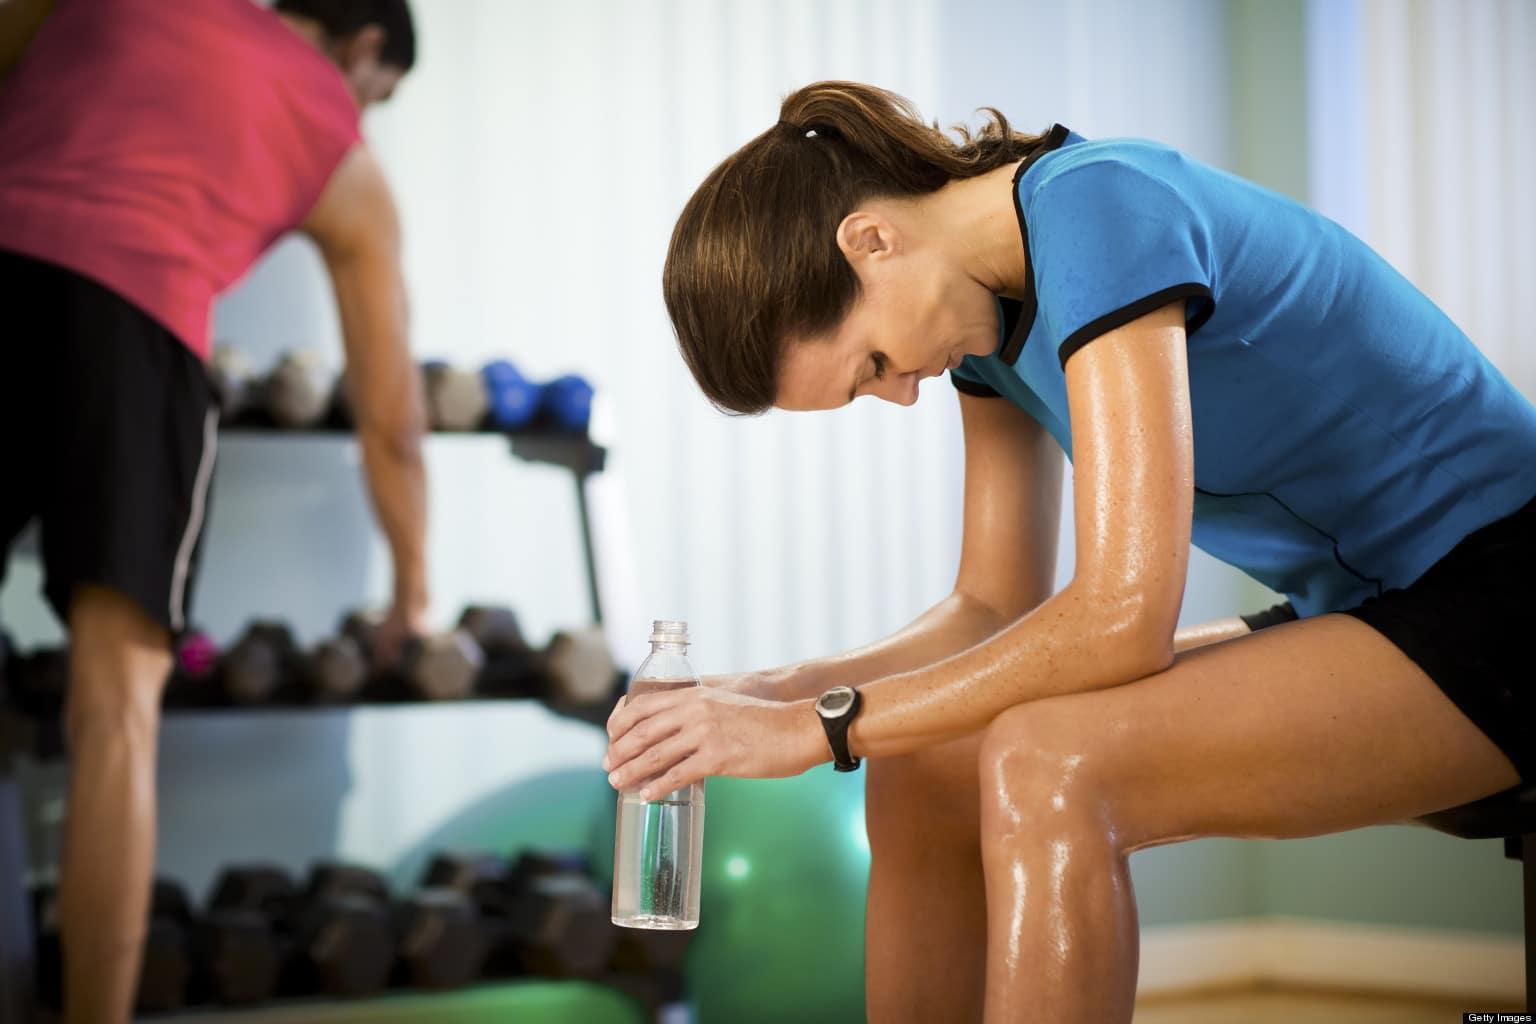 Причины мышечных судорог после тяжелых физических нагрузок и как избавиться от них.